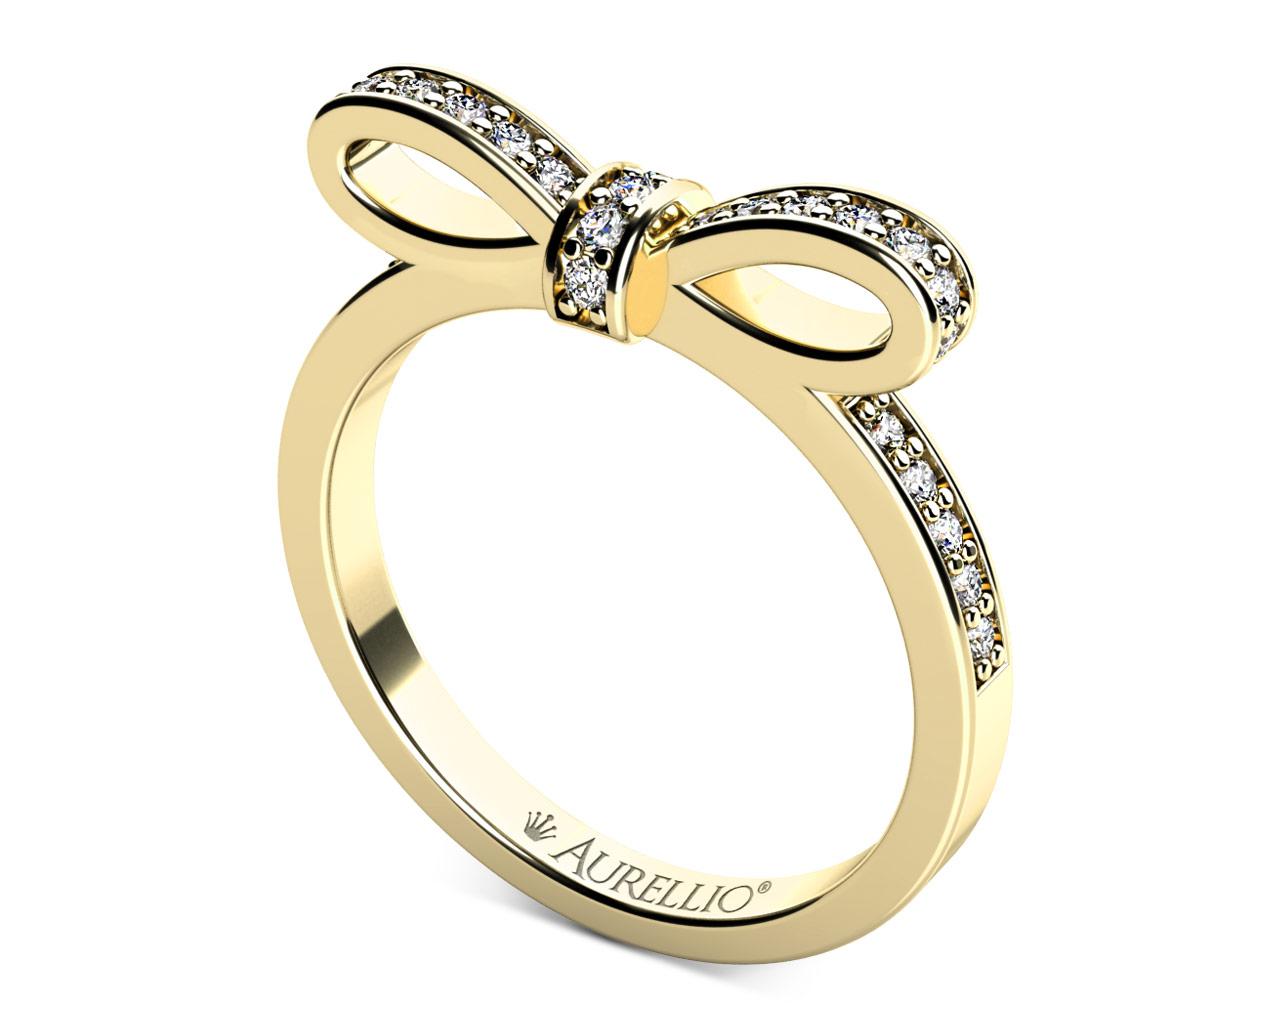 Zásnubní prsten - Souhvězdí Blíženci 1. fotka